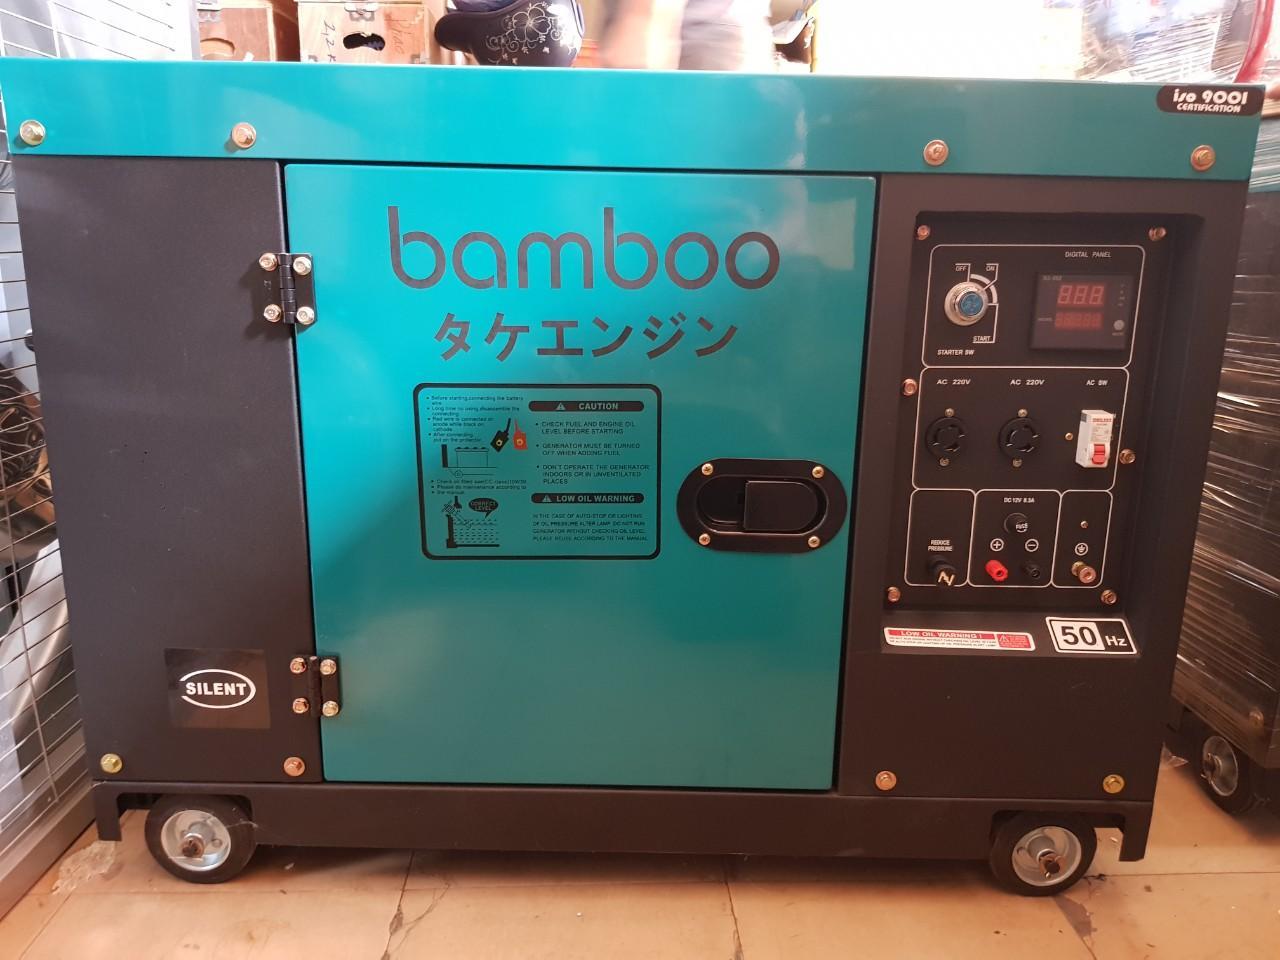 Máy phát điện bamboo BMB 7800ET new 5.5Kw, chống ồn